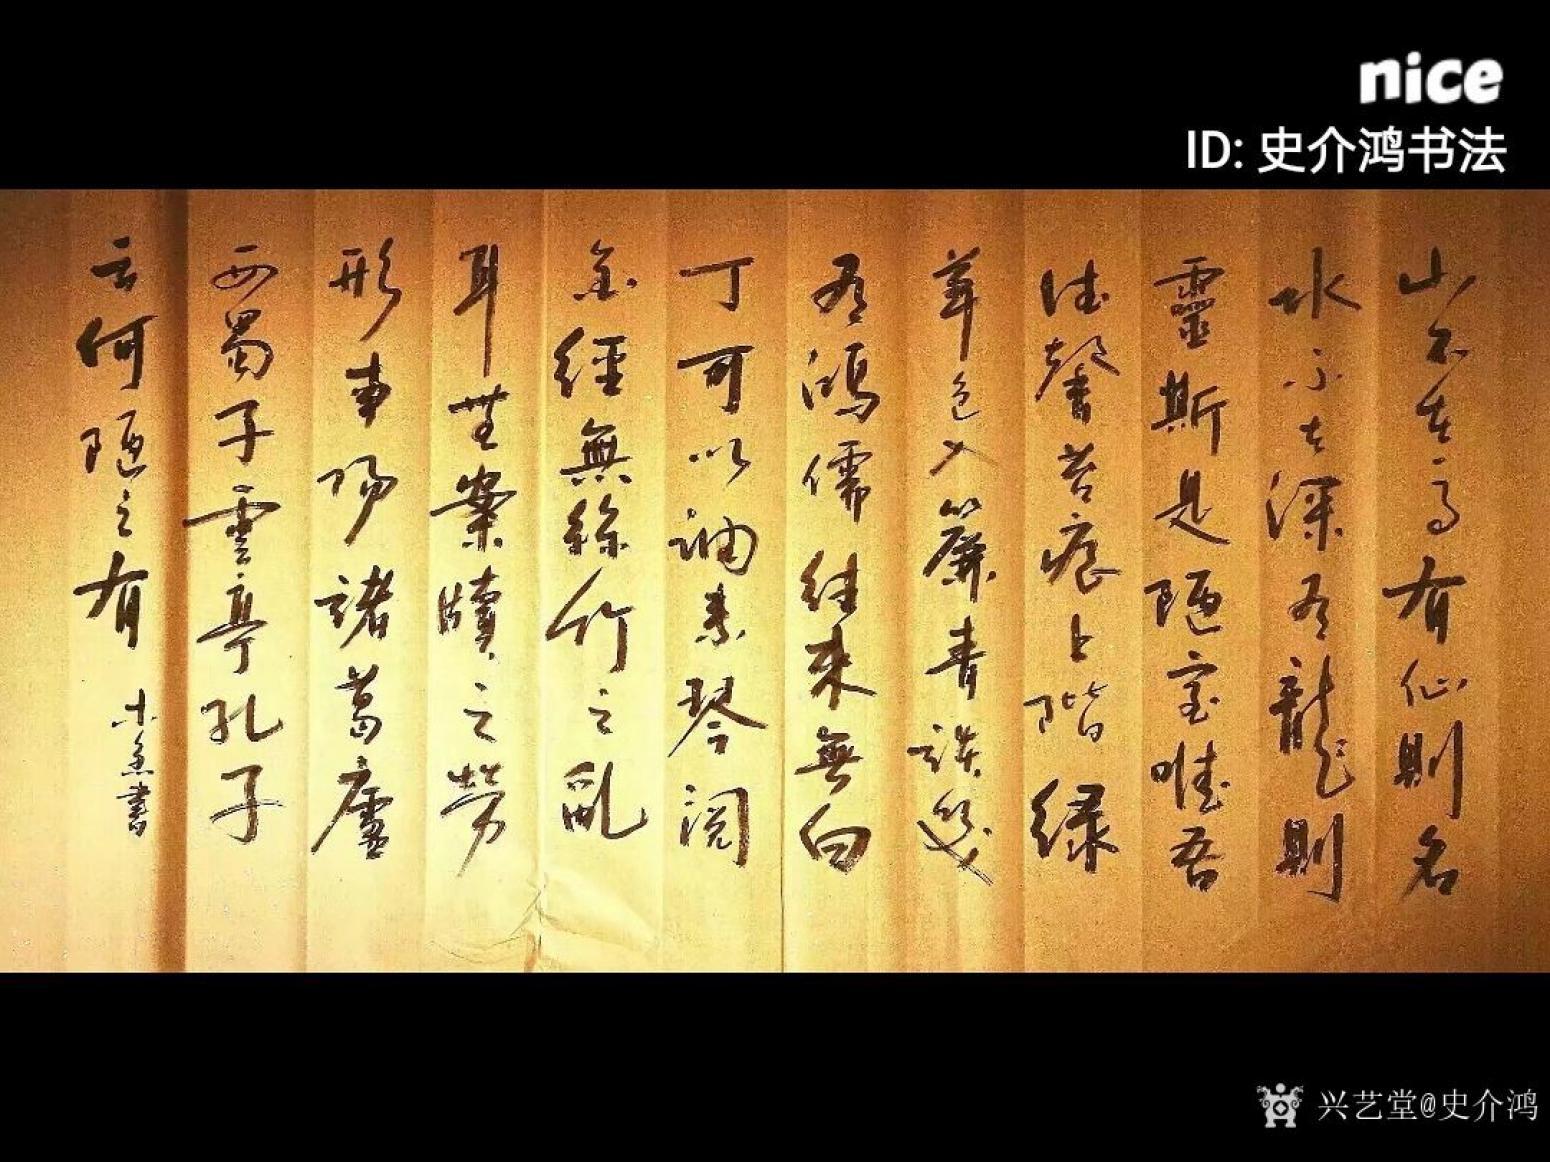 史介鸿书法作品《刘禹锡《陋室铭》》